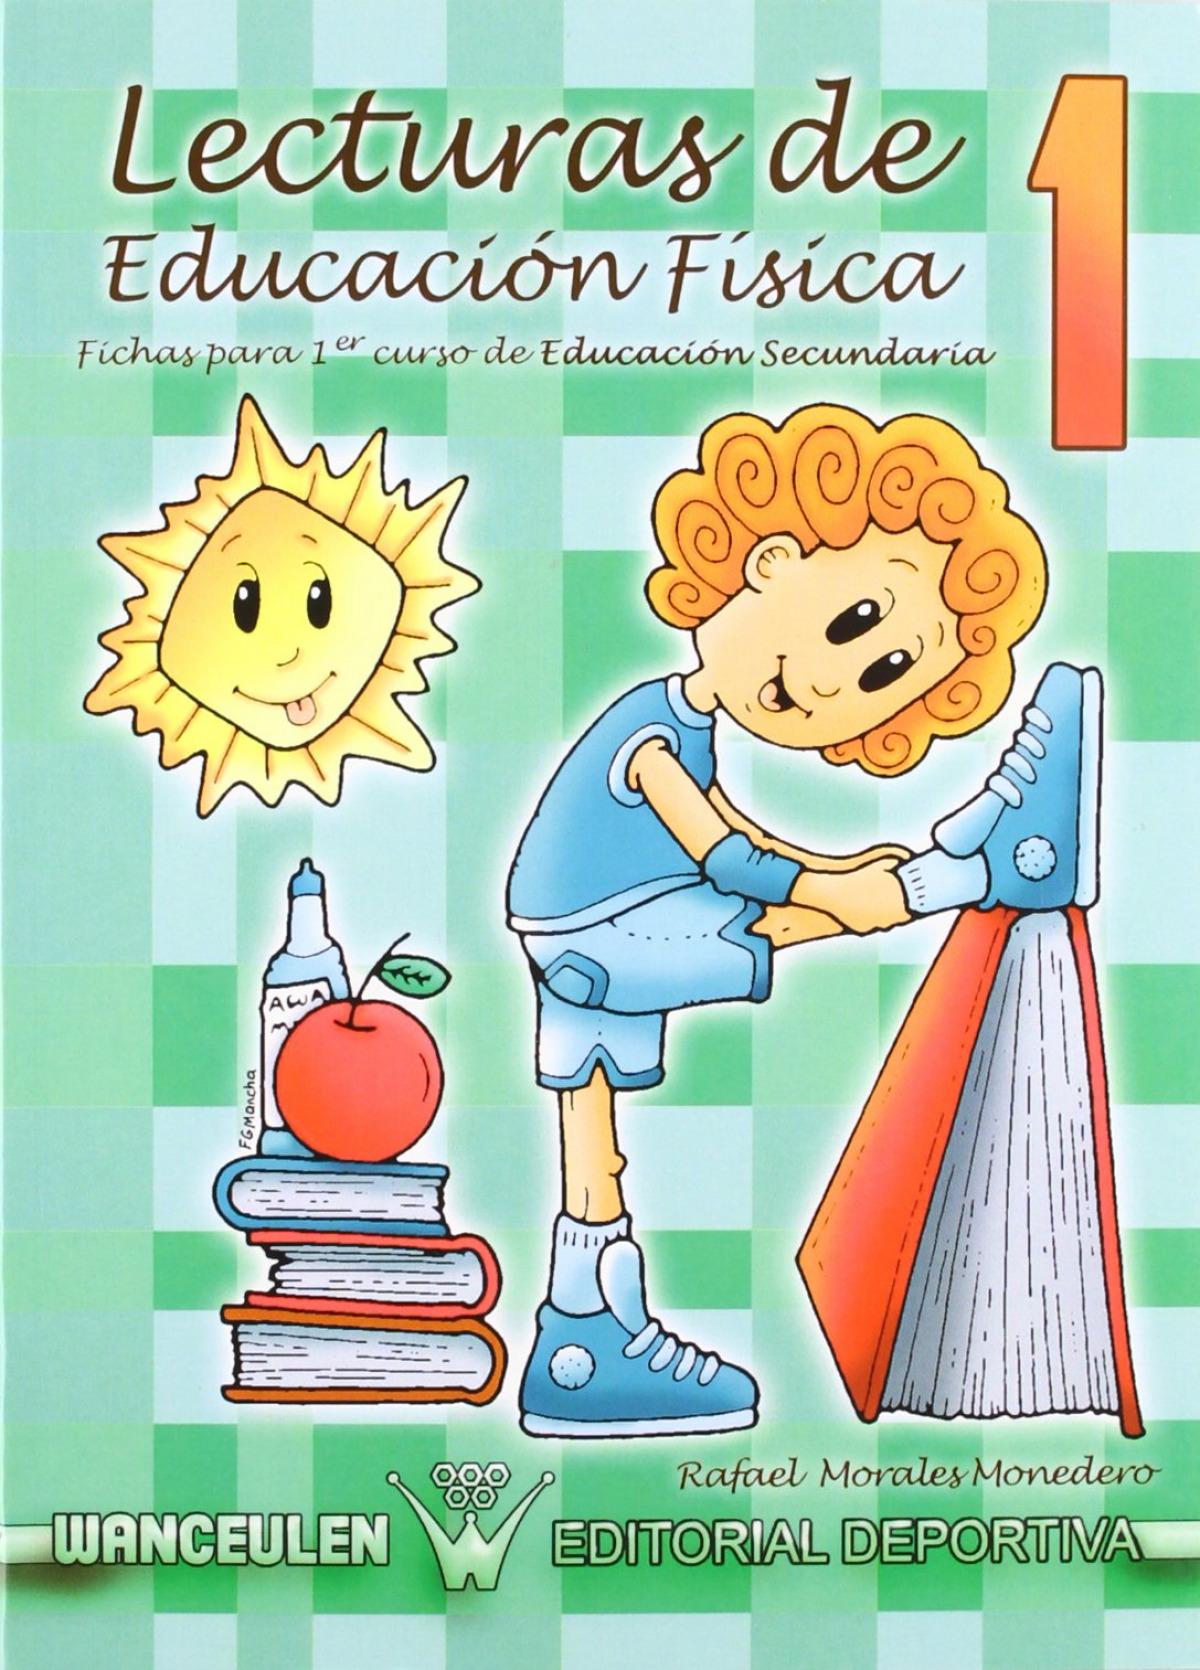 Lecturas educ fisica 1º eso fichas - Morales, Rafael